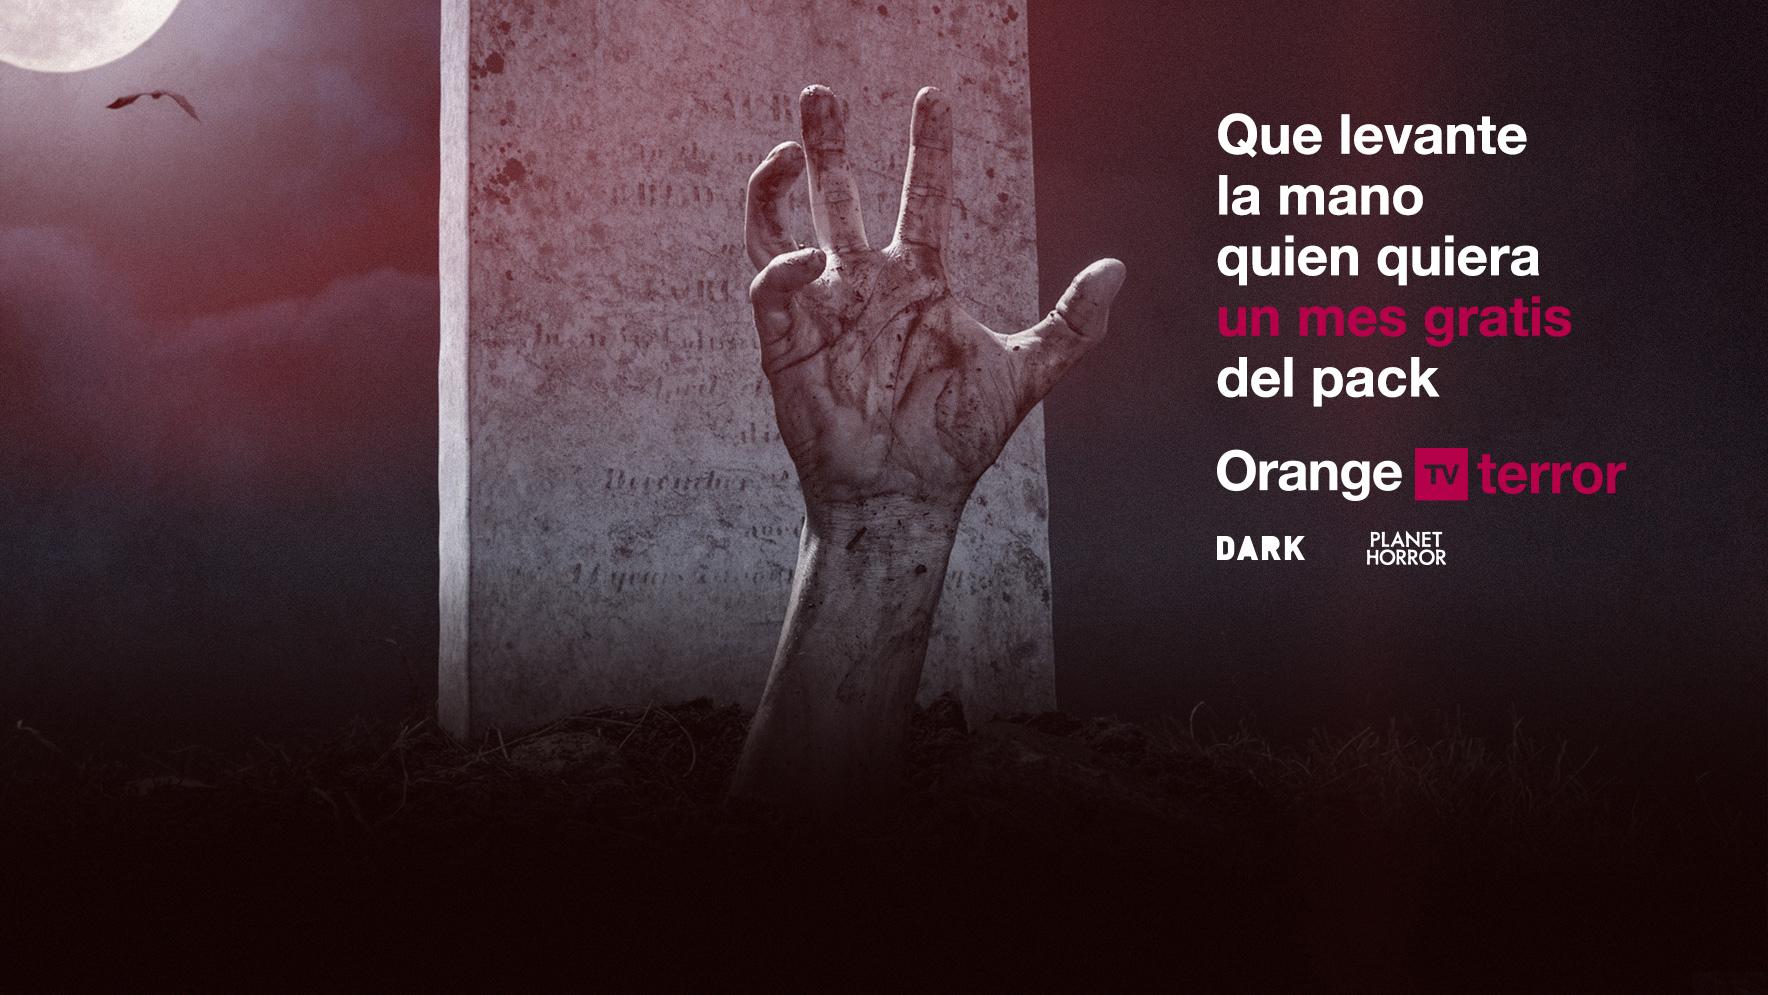 Orange TV lanza Terror, un nuevo paquete premium integrado por DARK y Planet Horror para los fans del miedo en estado puro